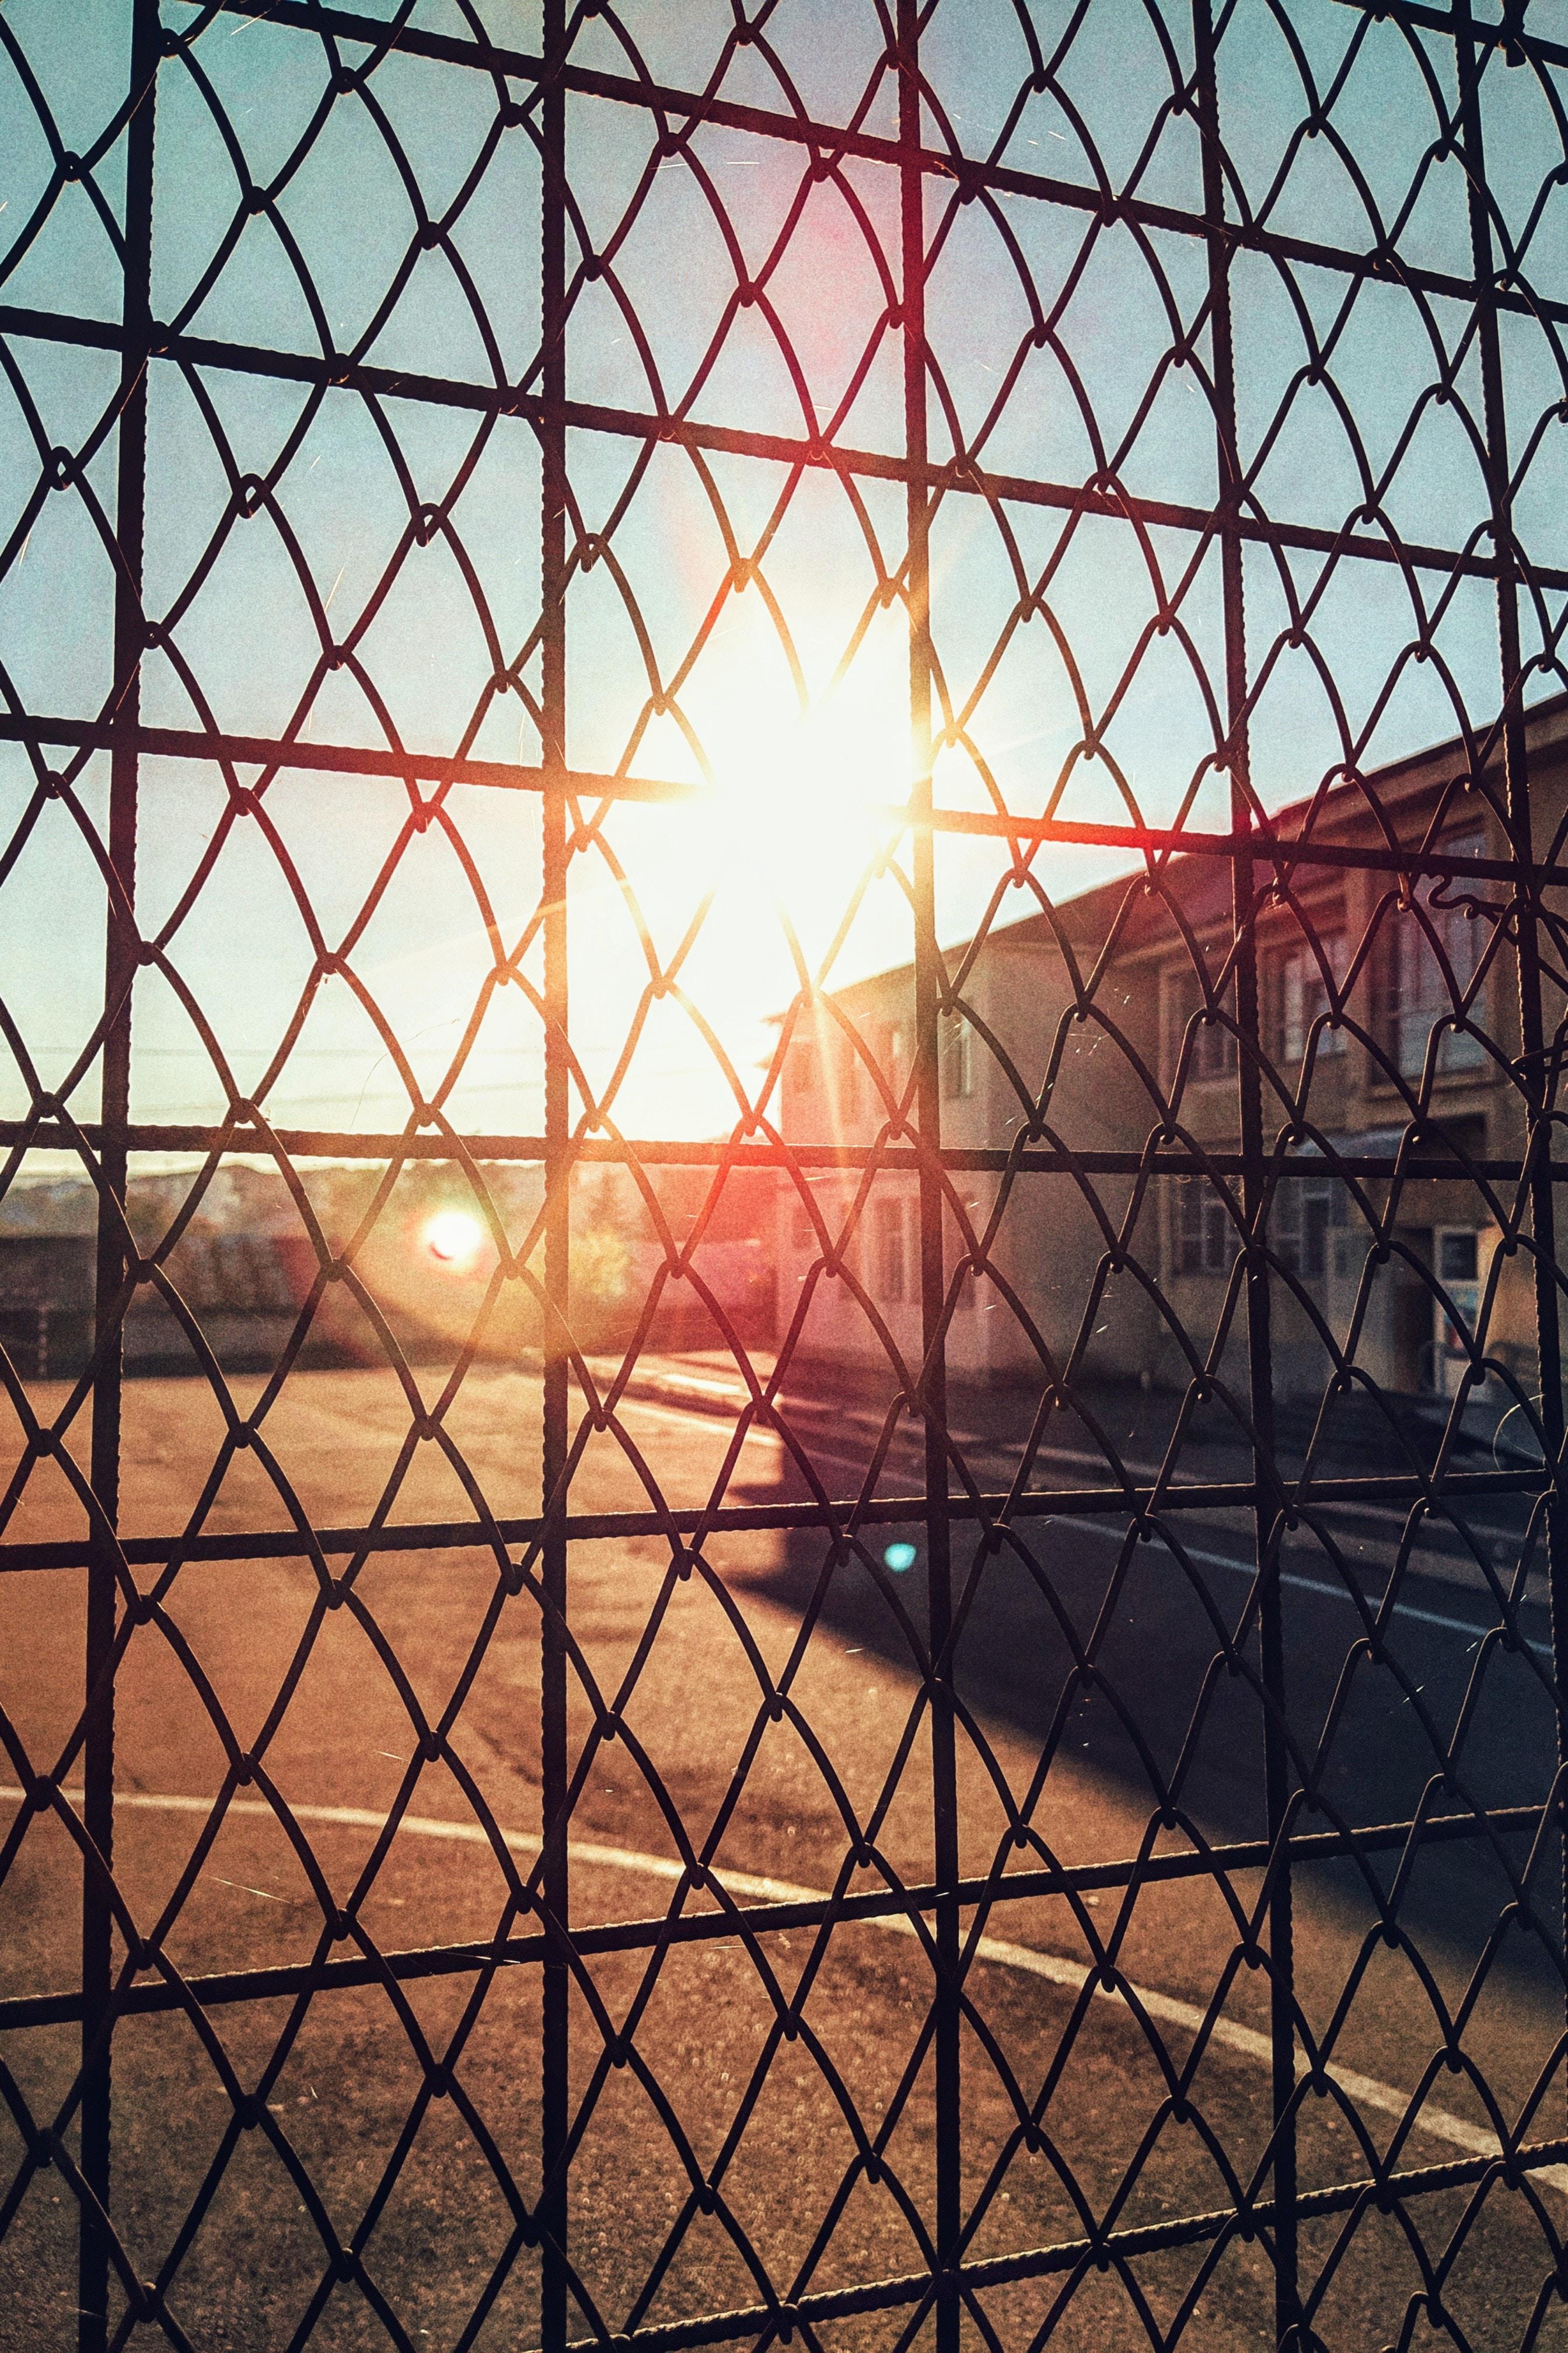 black steel fence